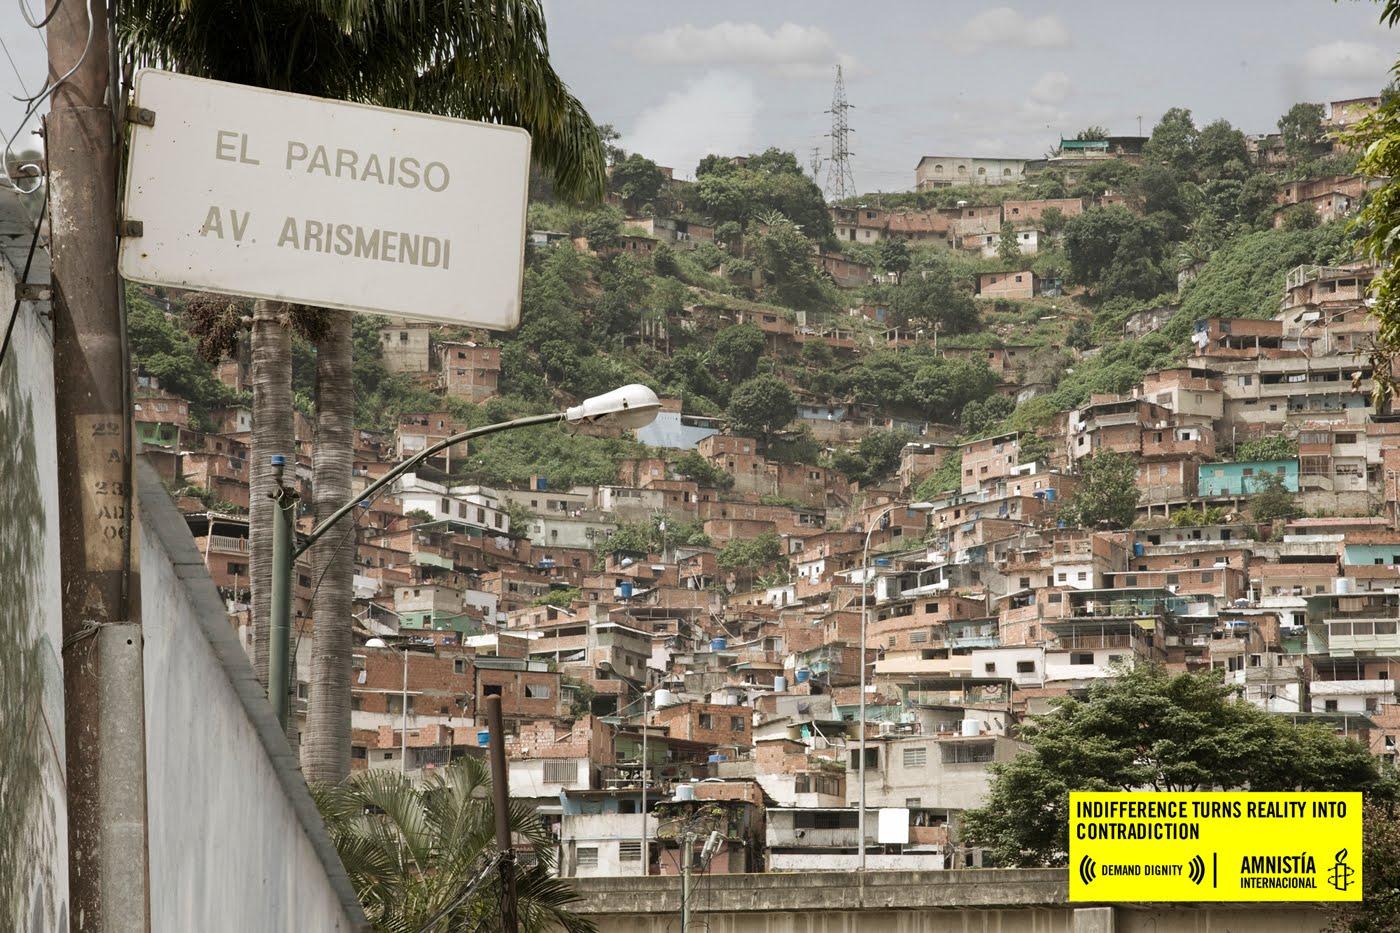 http://2.bp.blogspot.com/_b96m0hLJpBI/TIjyUgD9etI/AAAAAAAAIzU/L0-hAIuOQhA/s1600/Amnesty+International:+Urbanization,+El+Paraiso.jpeg